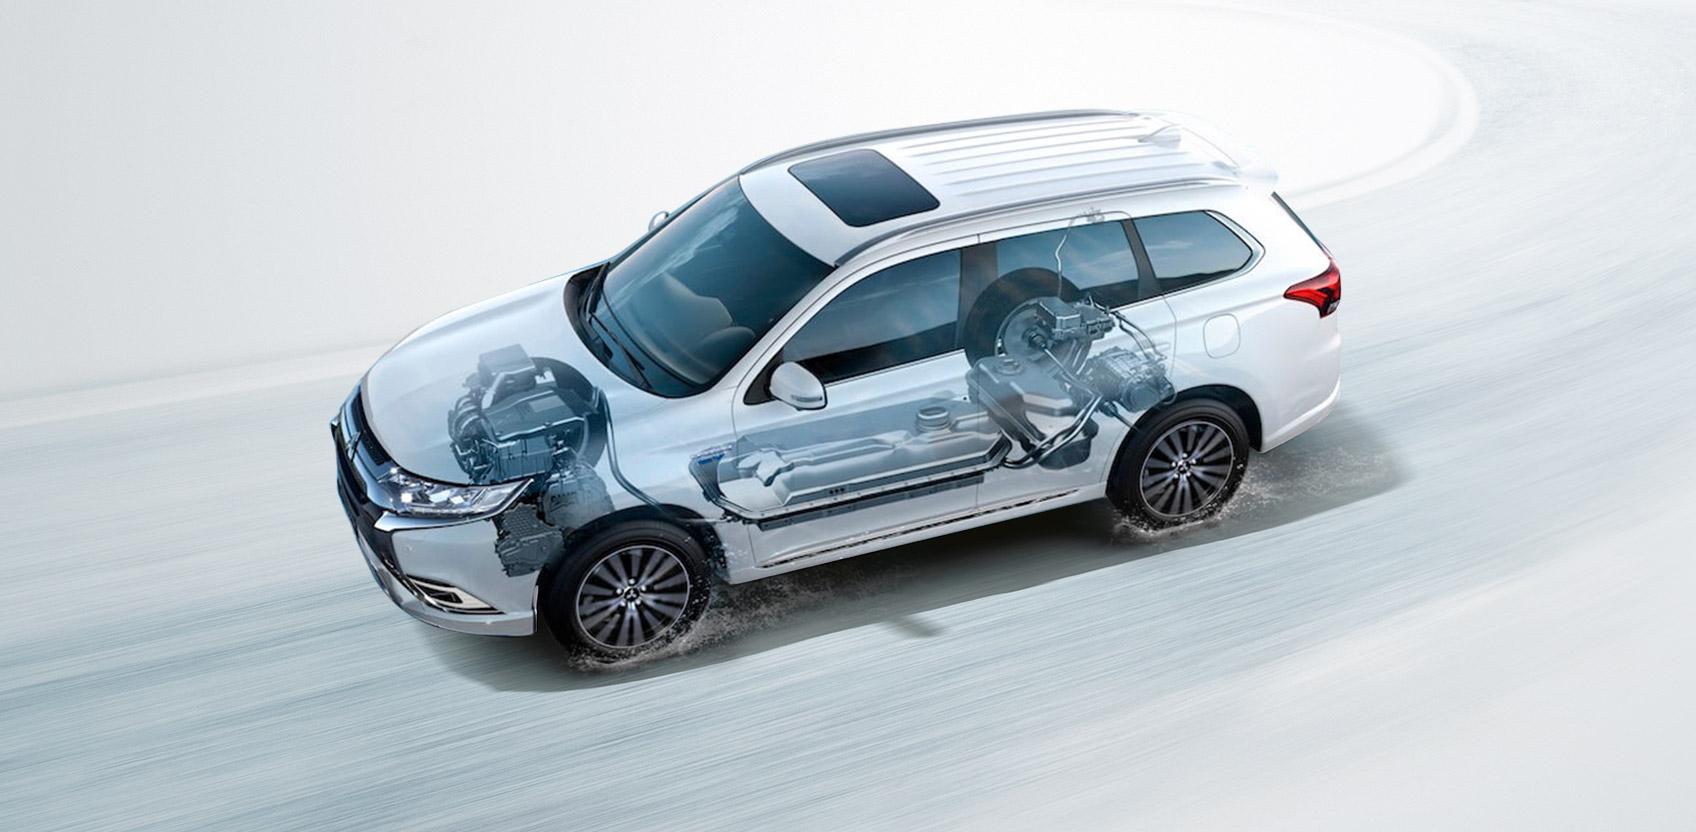 Heddier-Gruppe Mitsubishi Outlander Plug-in Hybrid Antrieb technische Darstelllung